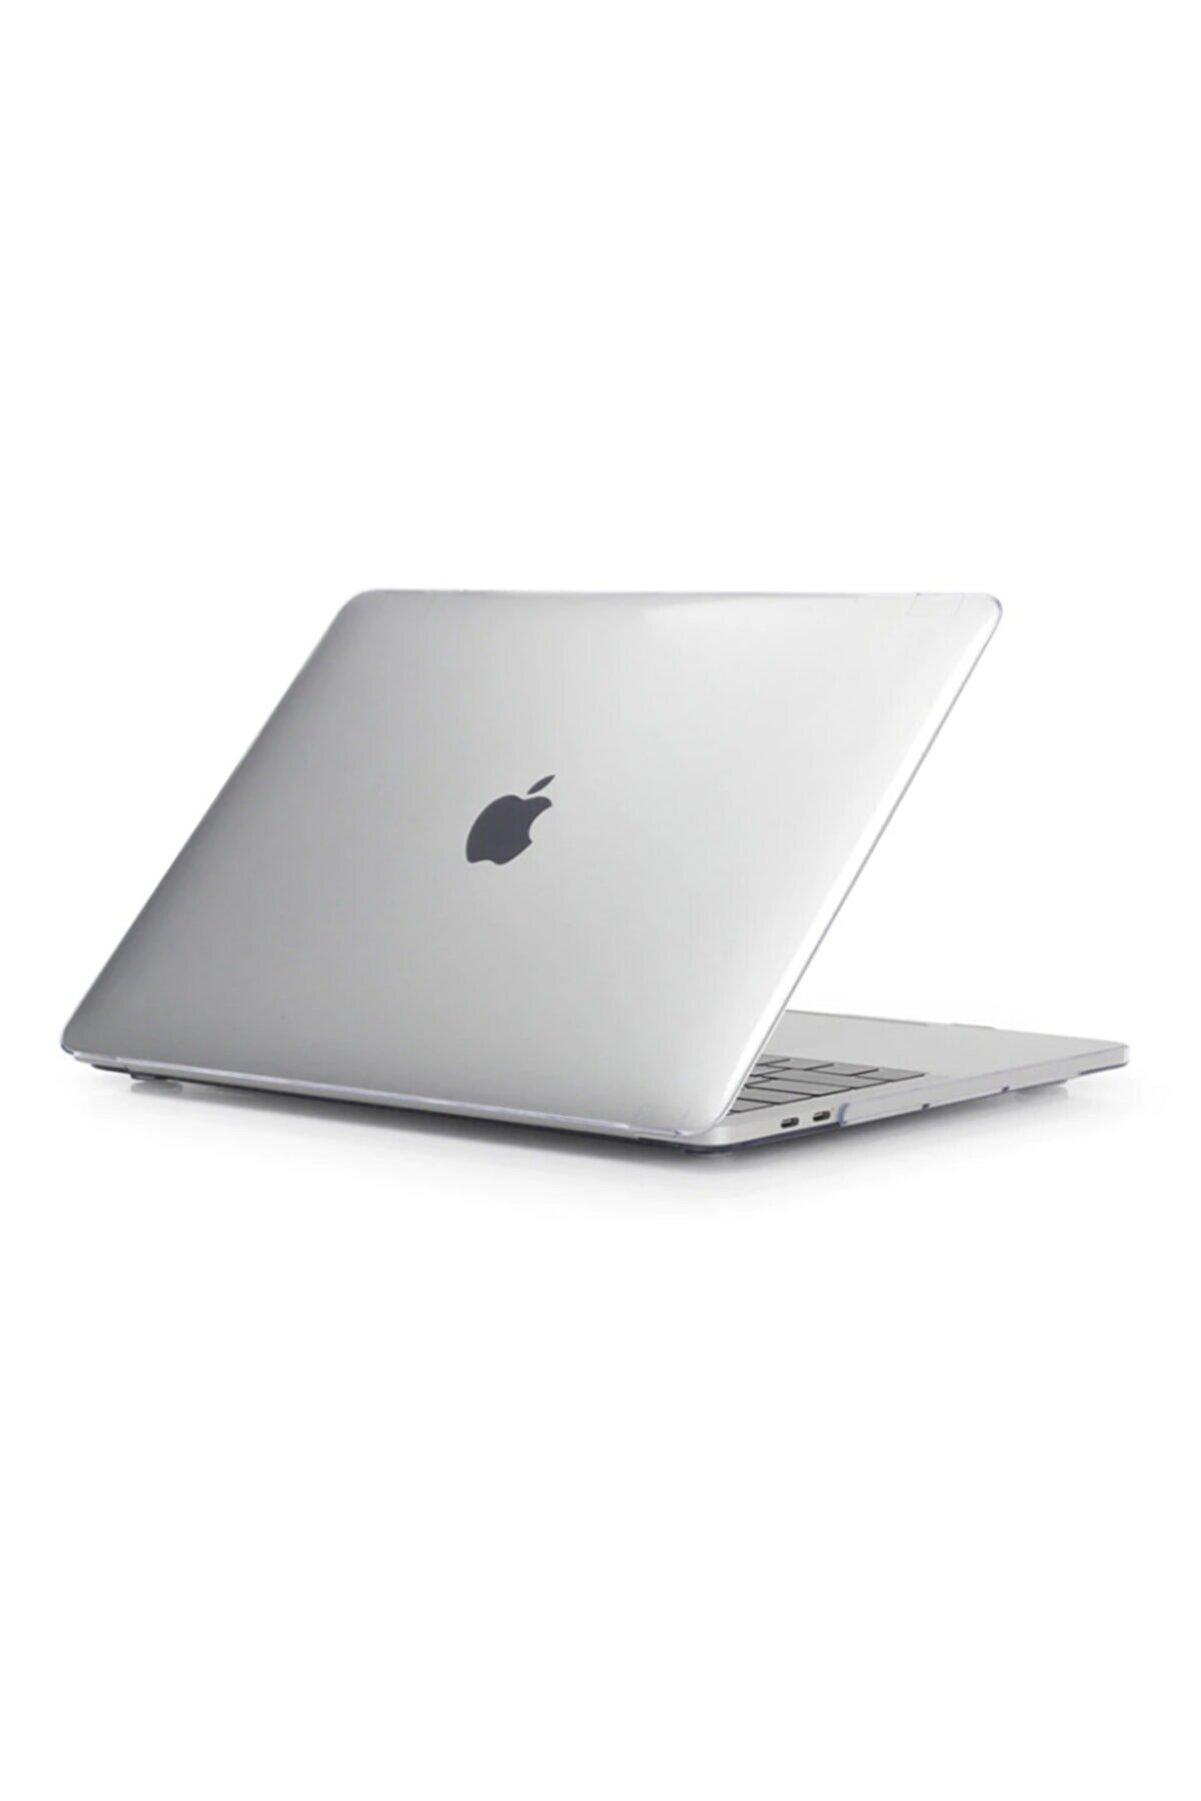 KIZILKAYA Apple Macbook Pro 2020 A2338 Beyaz 13 Inç Touch Bar Sert Kapak Koruma Kılıf